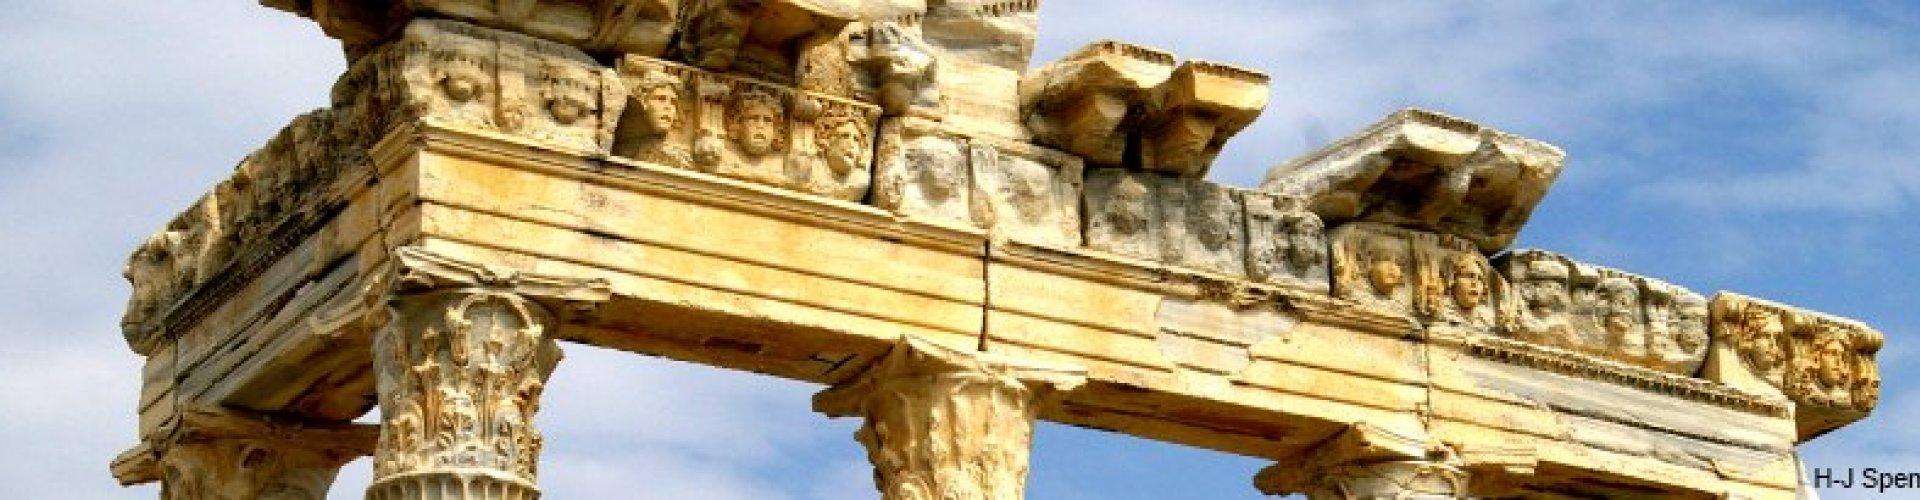 Die Ruine des Apollon-Tempels